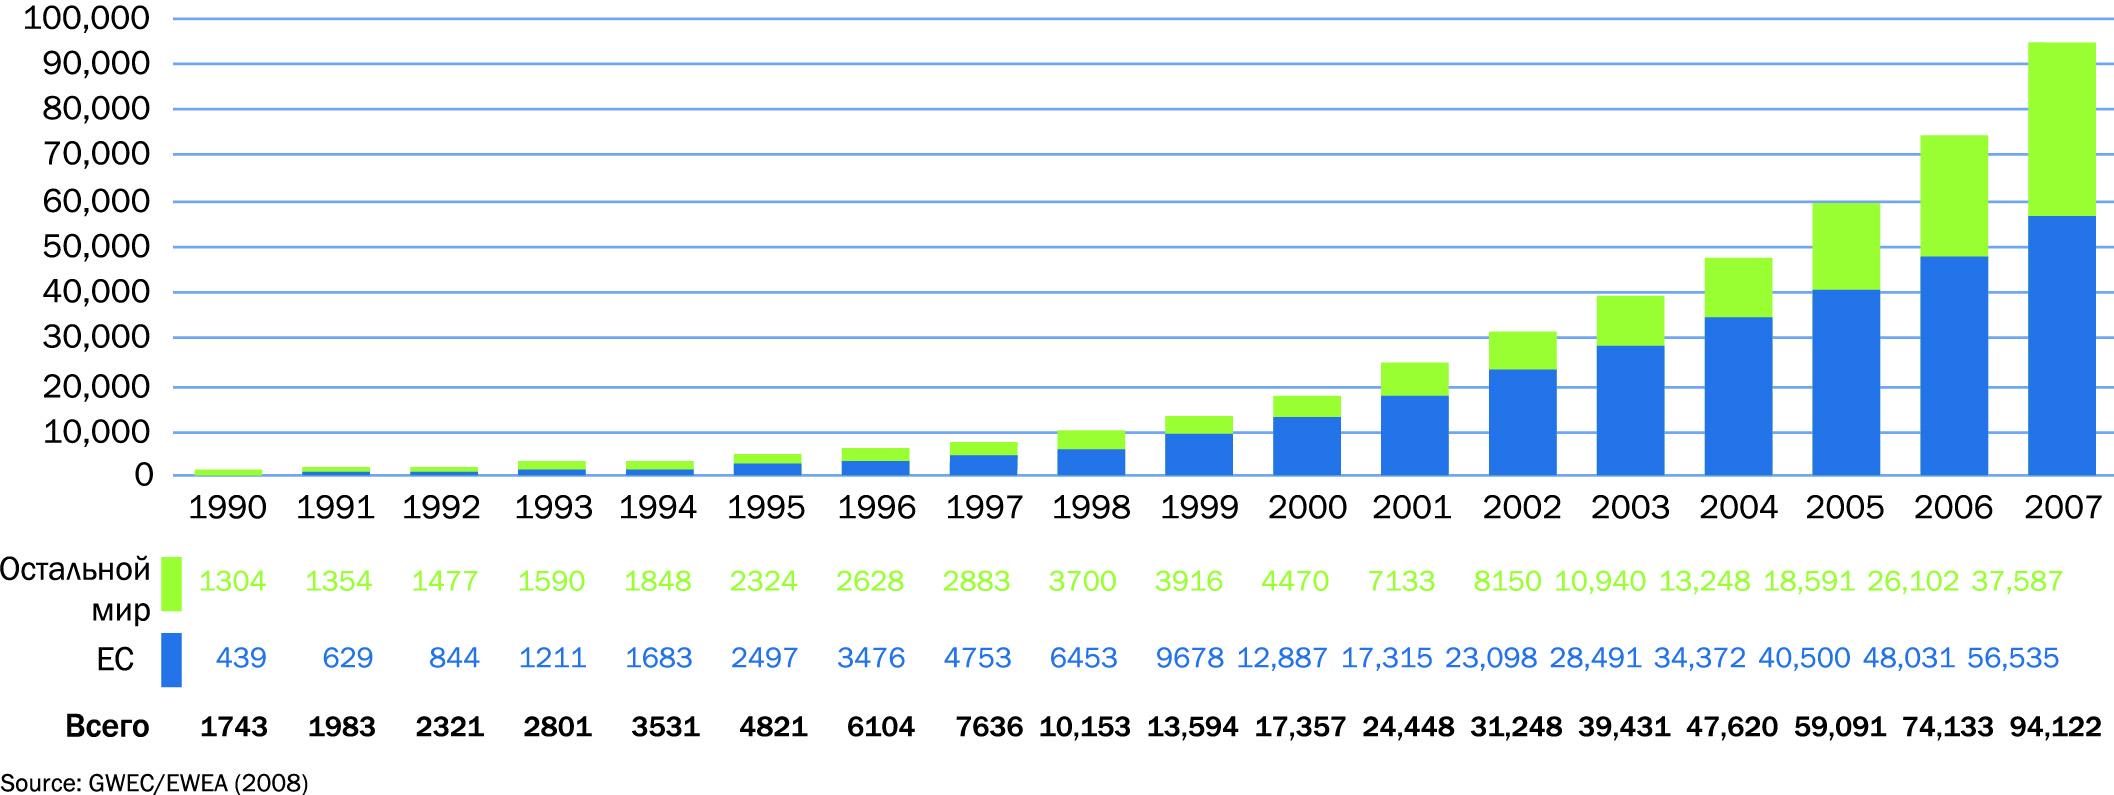 Глобальные совокупные запасы энергии ветра составили 19 900 МВт к 2007 г.